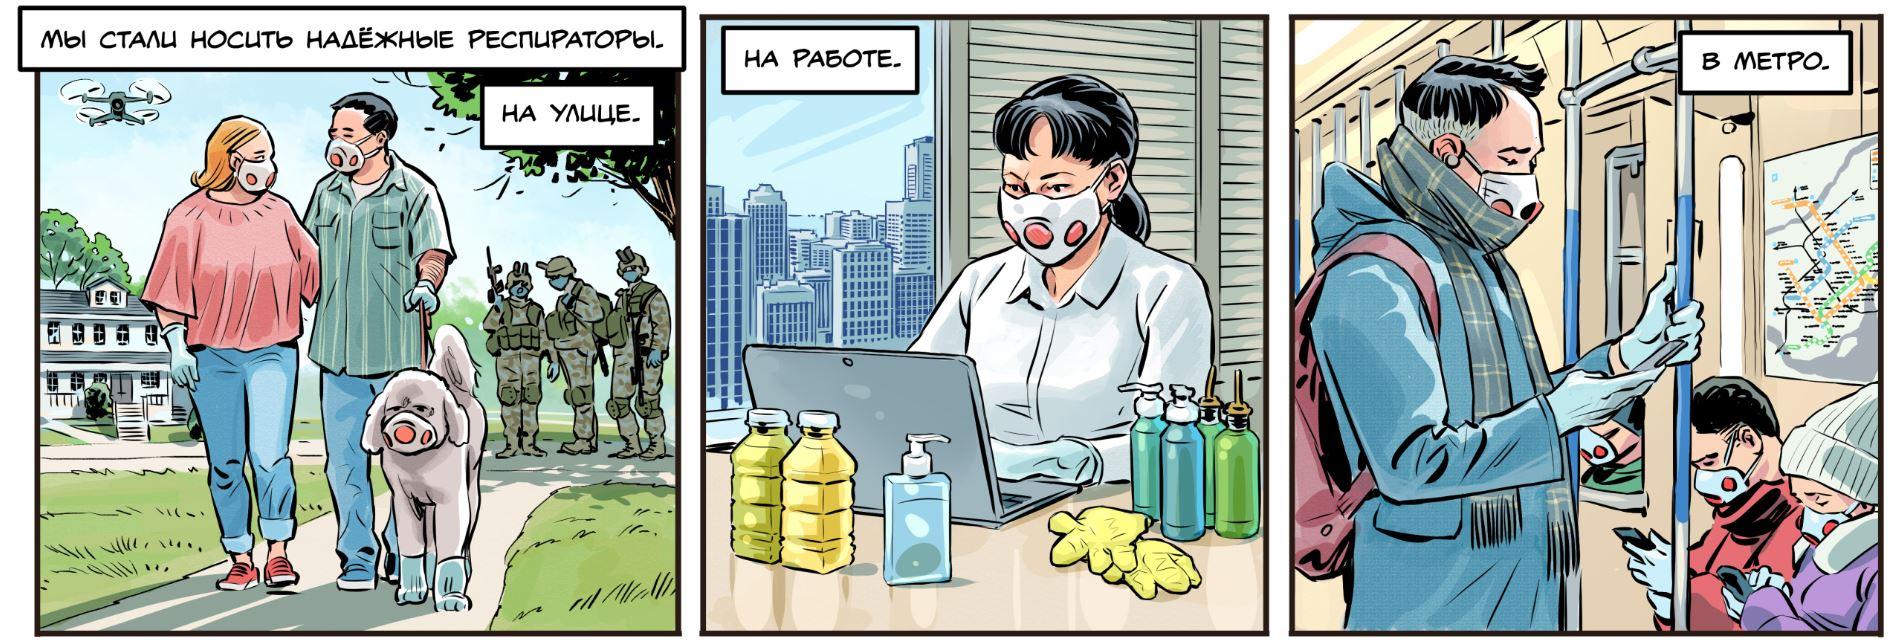 Комикс: эволюция 1